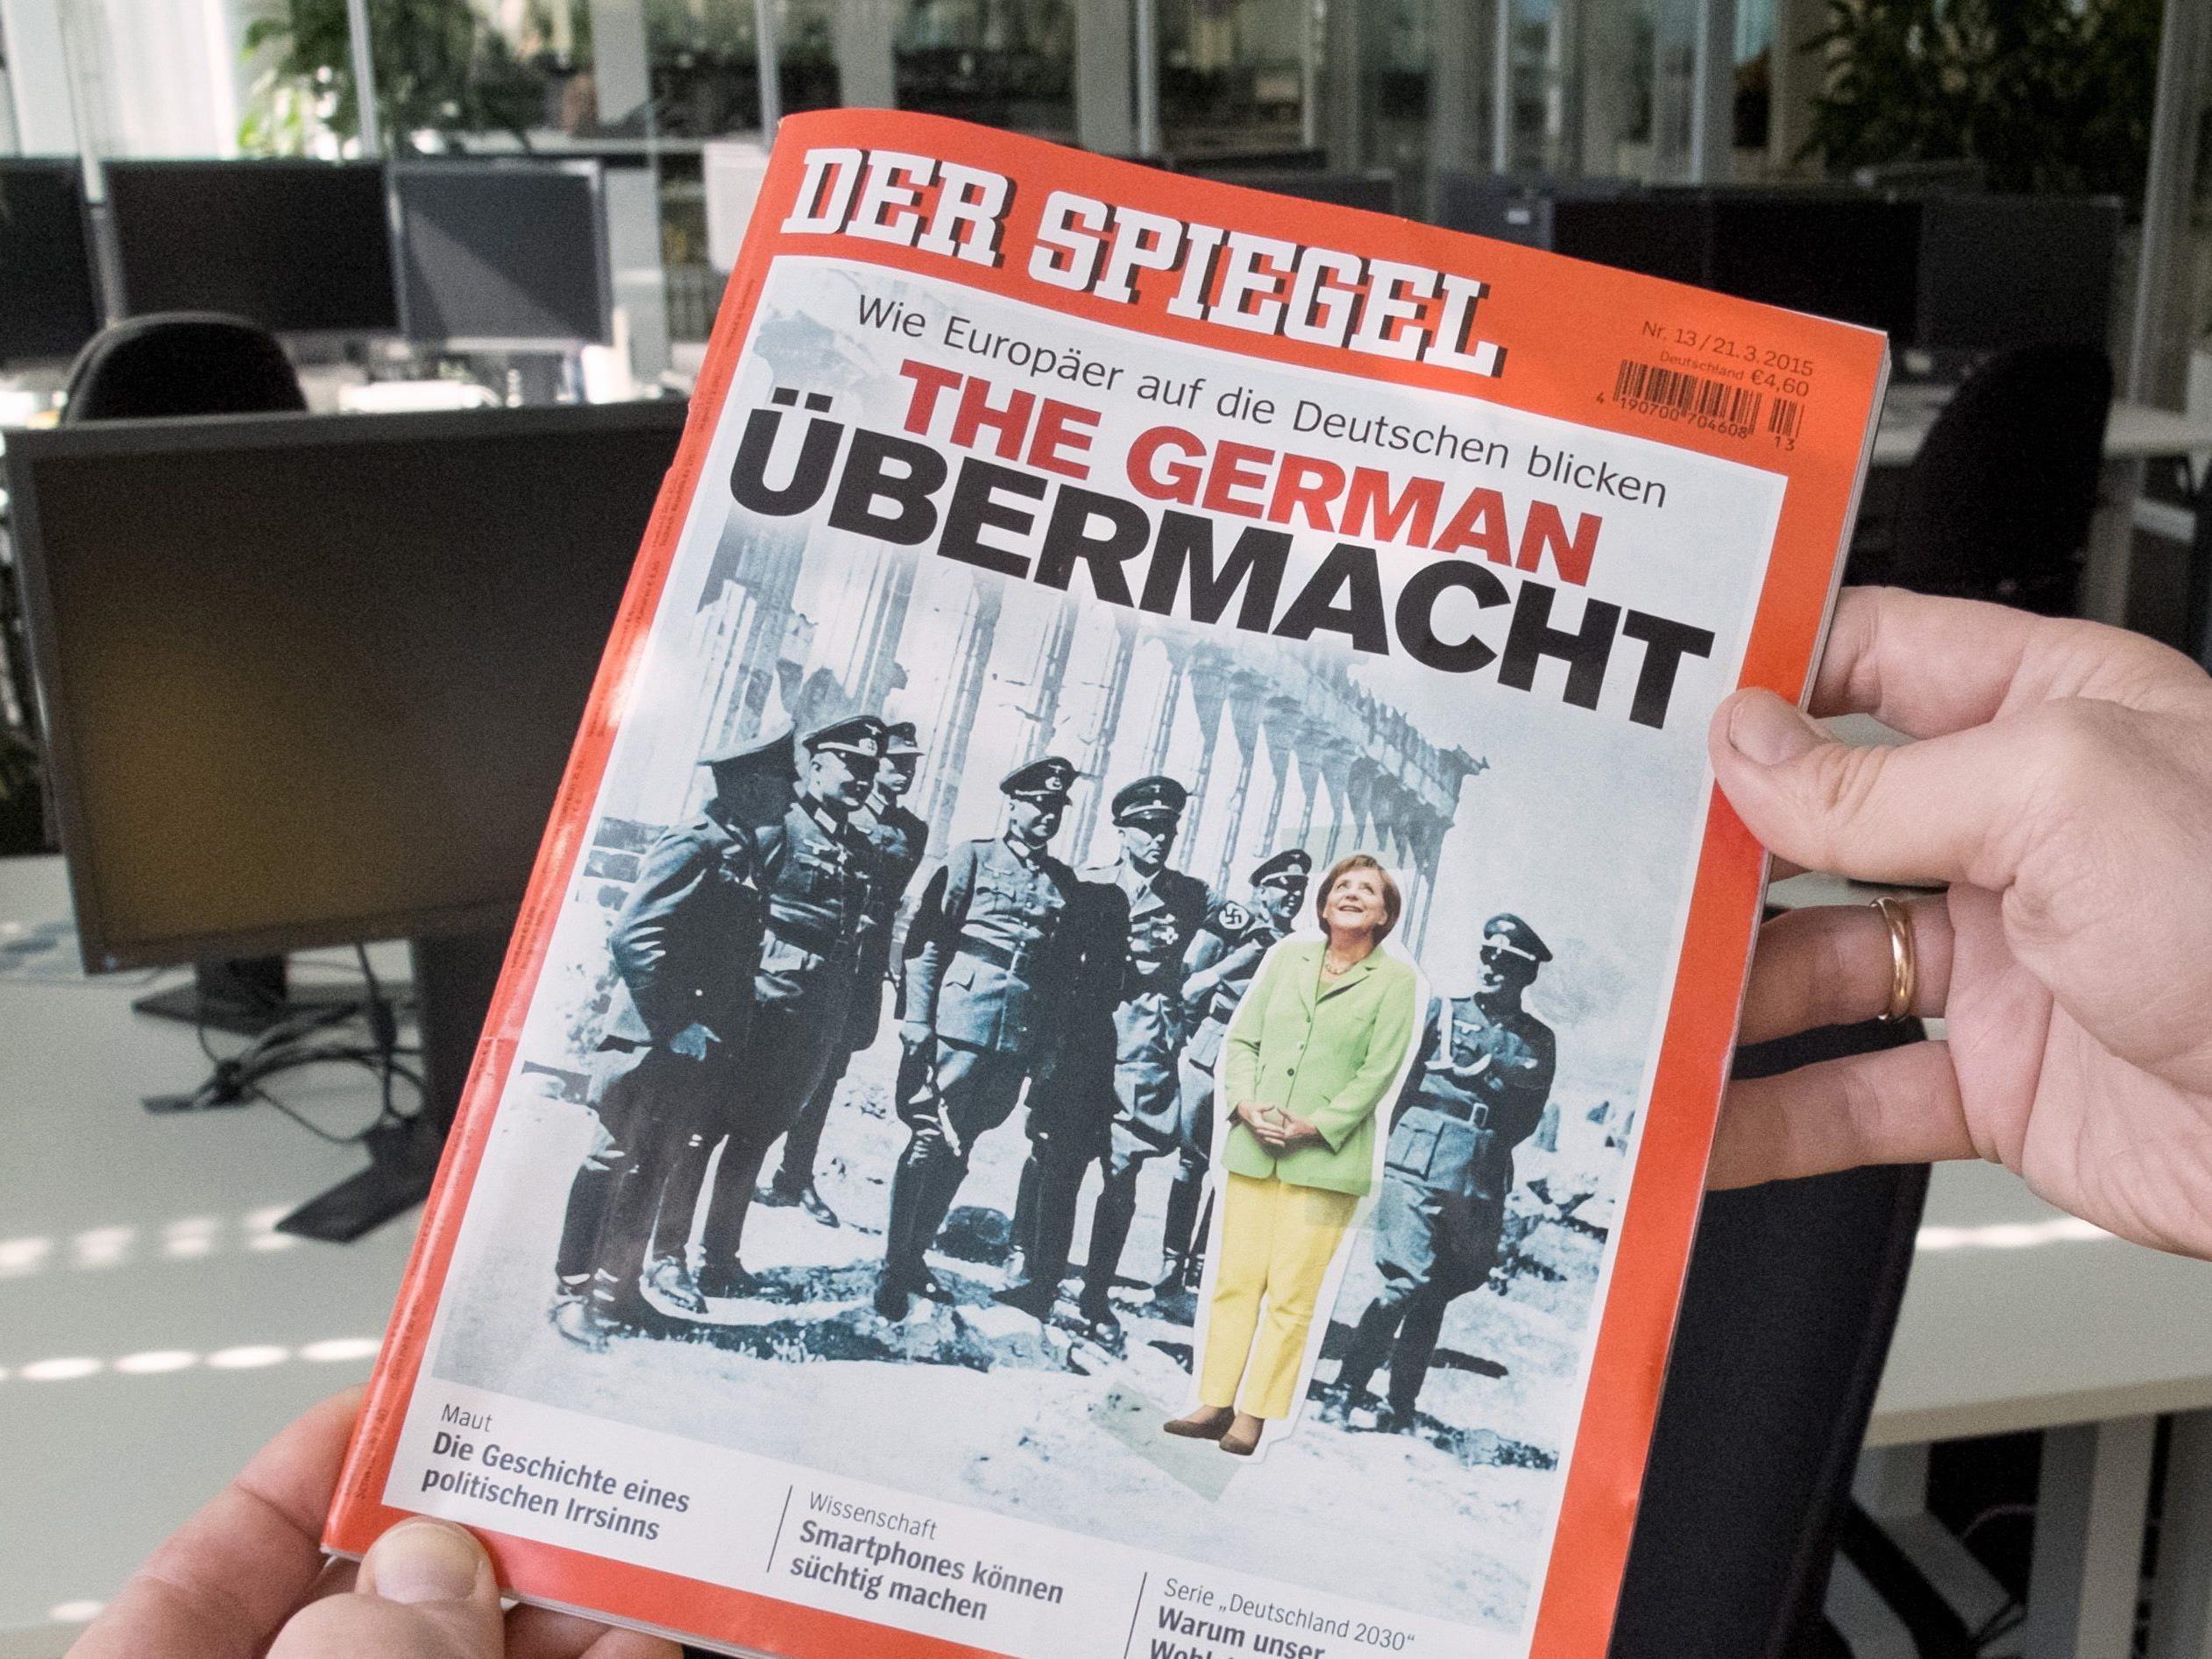 Merkel mit den Nazis auf der Akropolis. Darf der Spiegel das?